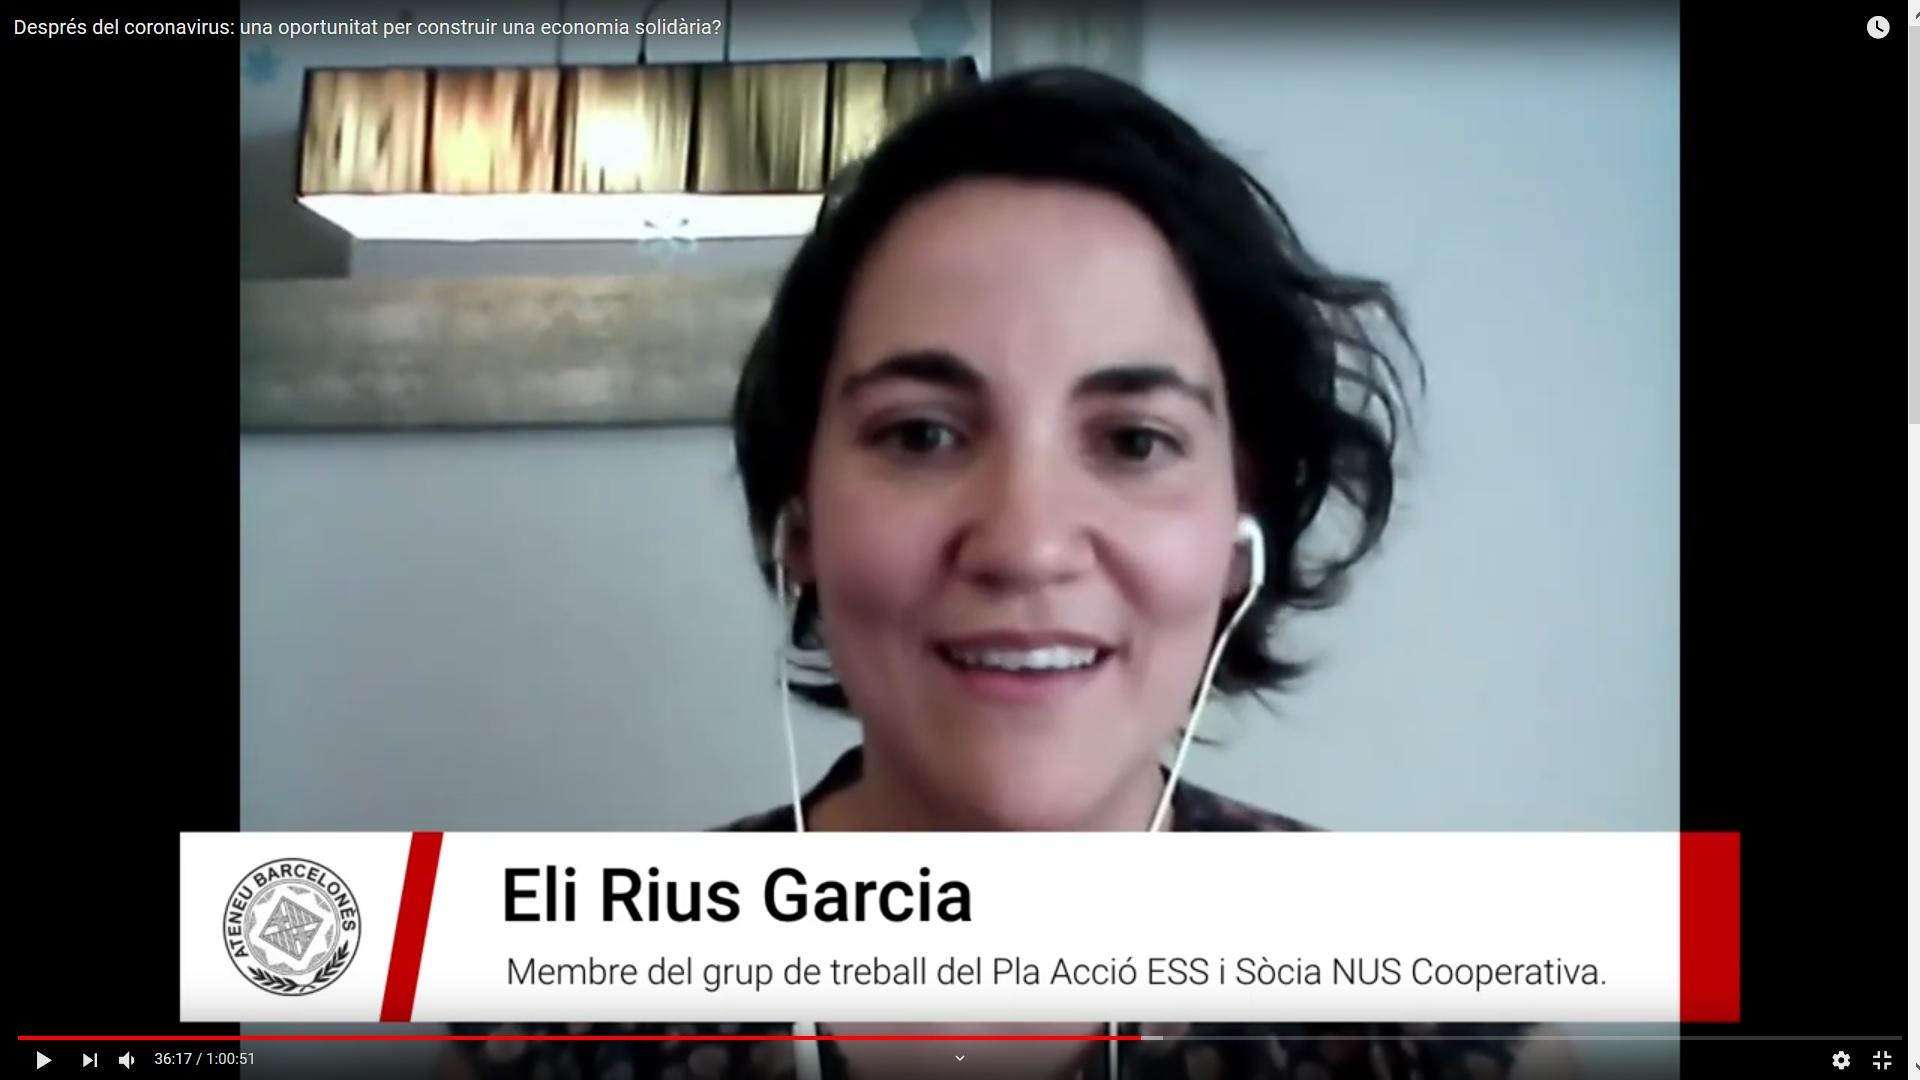 Després del coronavirus: una oportunitat per construir una economia solidària?